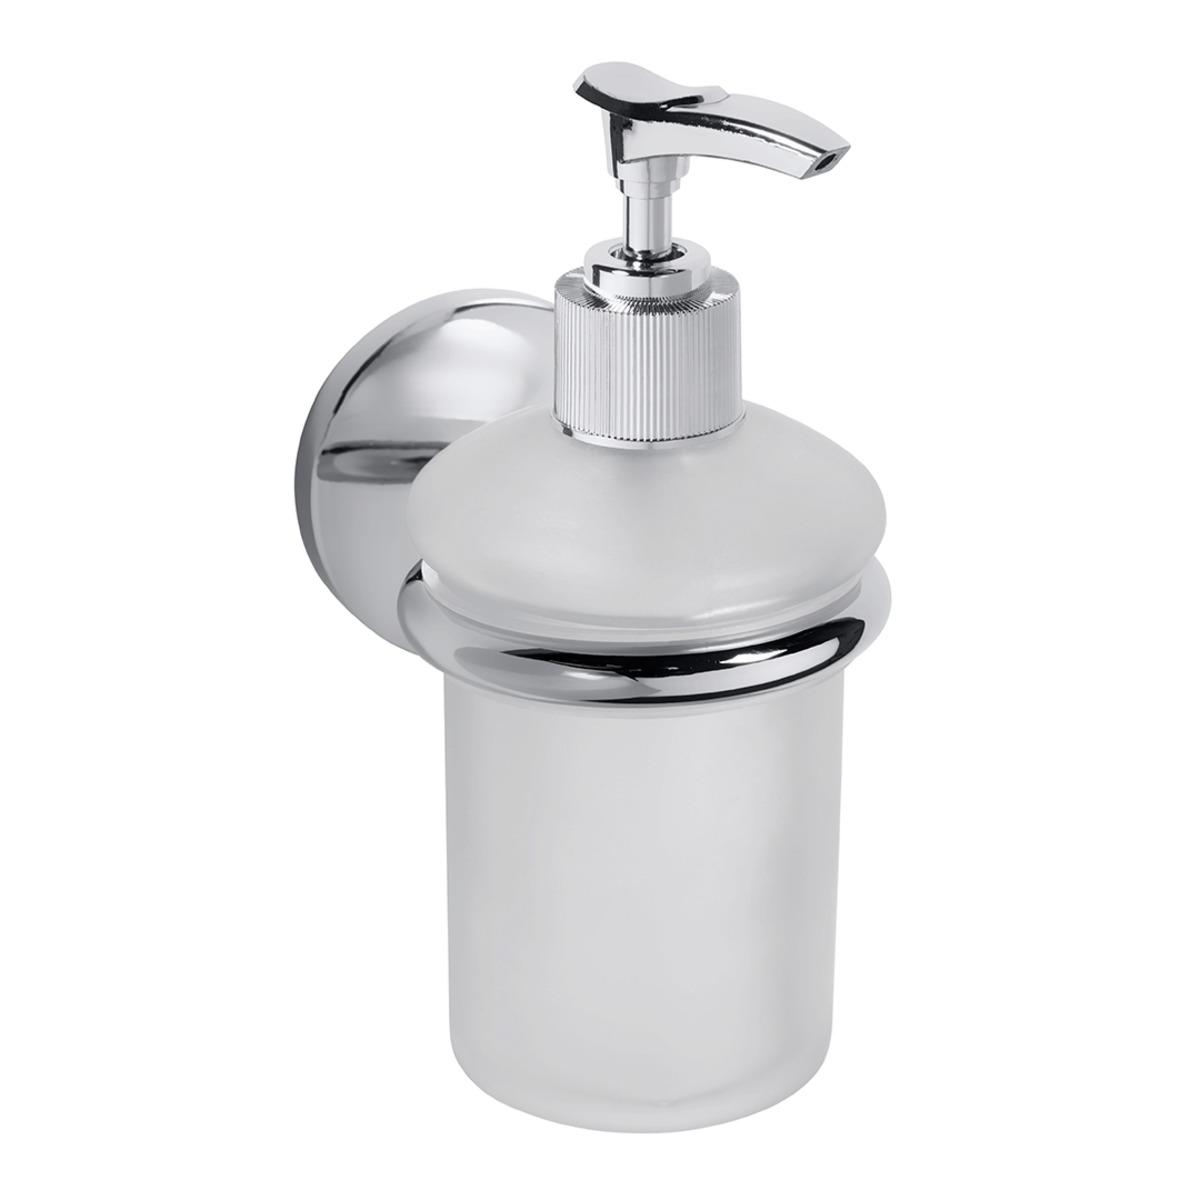 Dávkovač mýdla Bemeta ALFA chrom 102408022